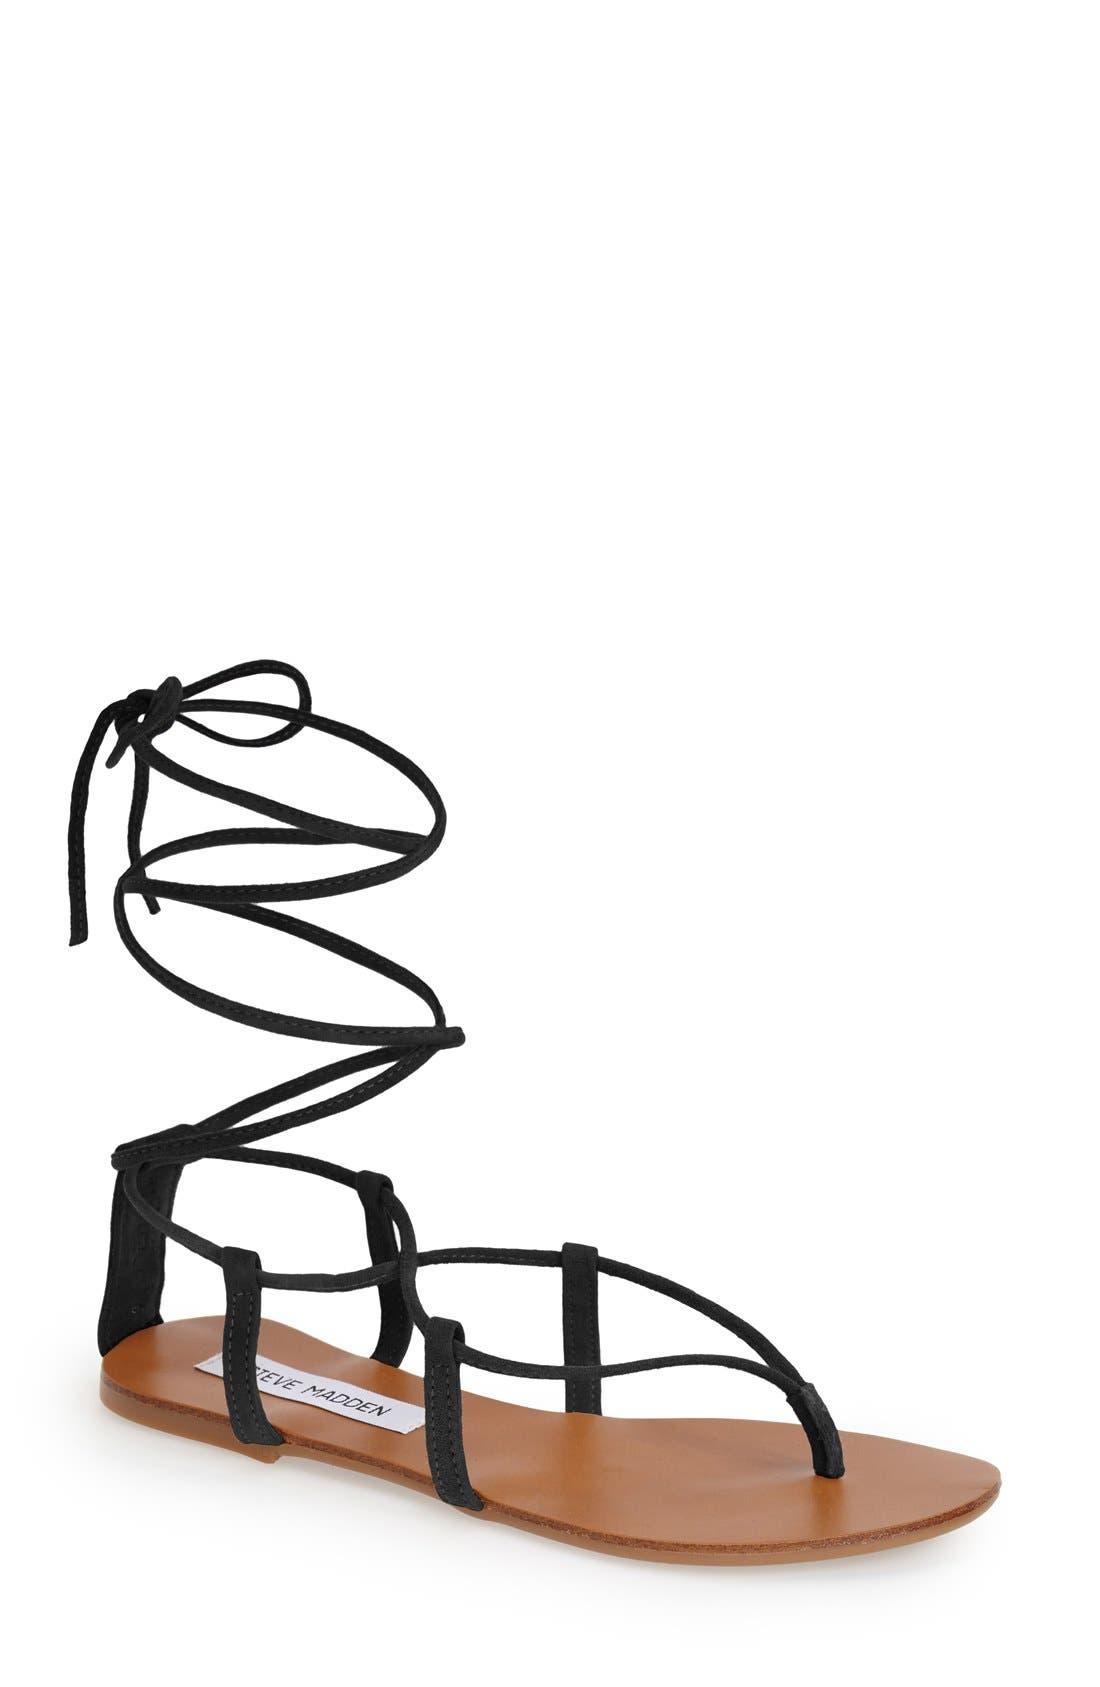 STEVE MADDEN, 'Werkit' Gladiator Sandal, Main thumbnail 1, color, 001